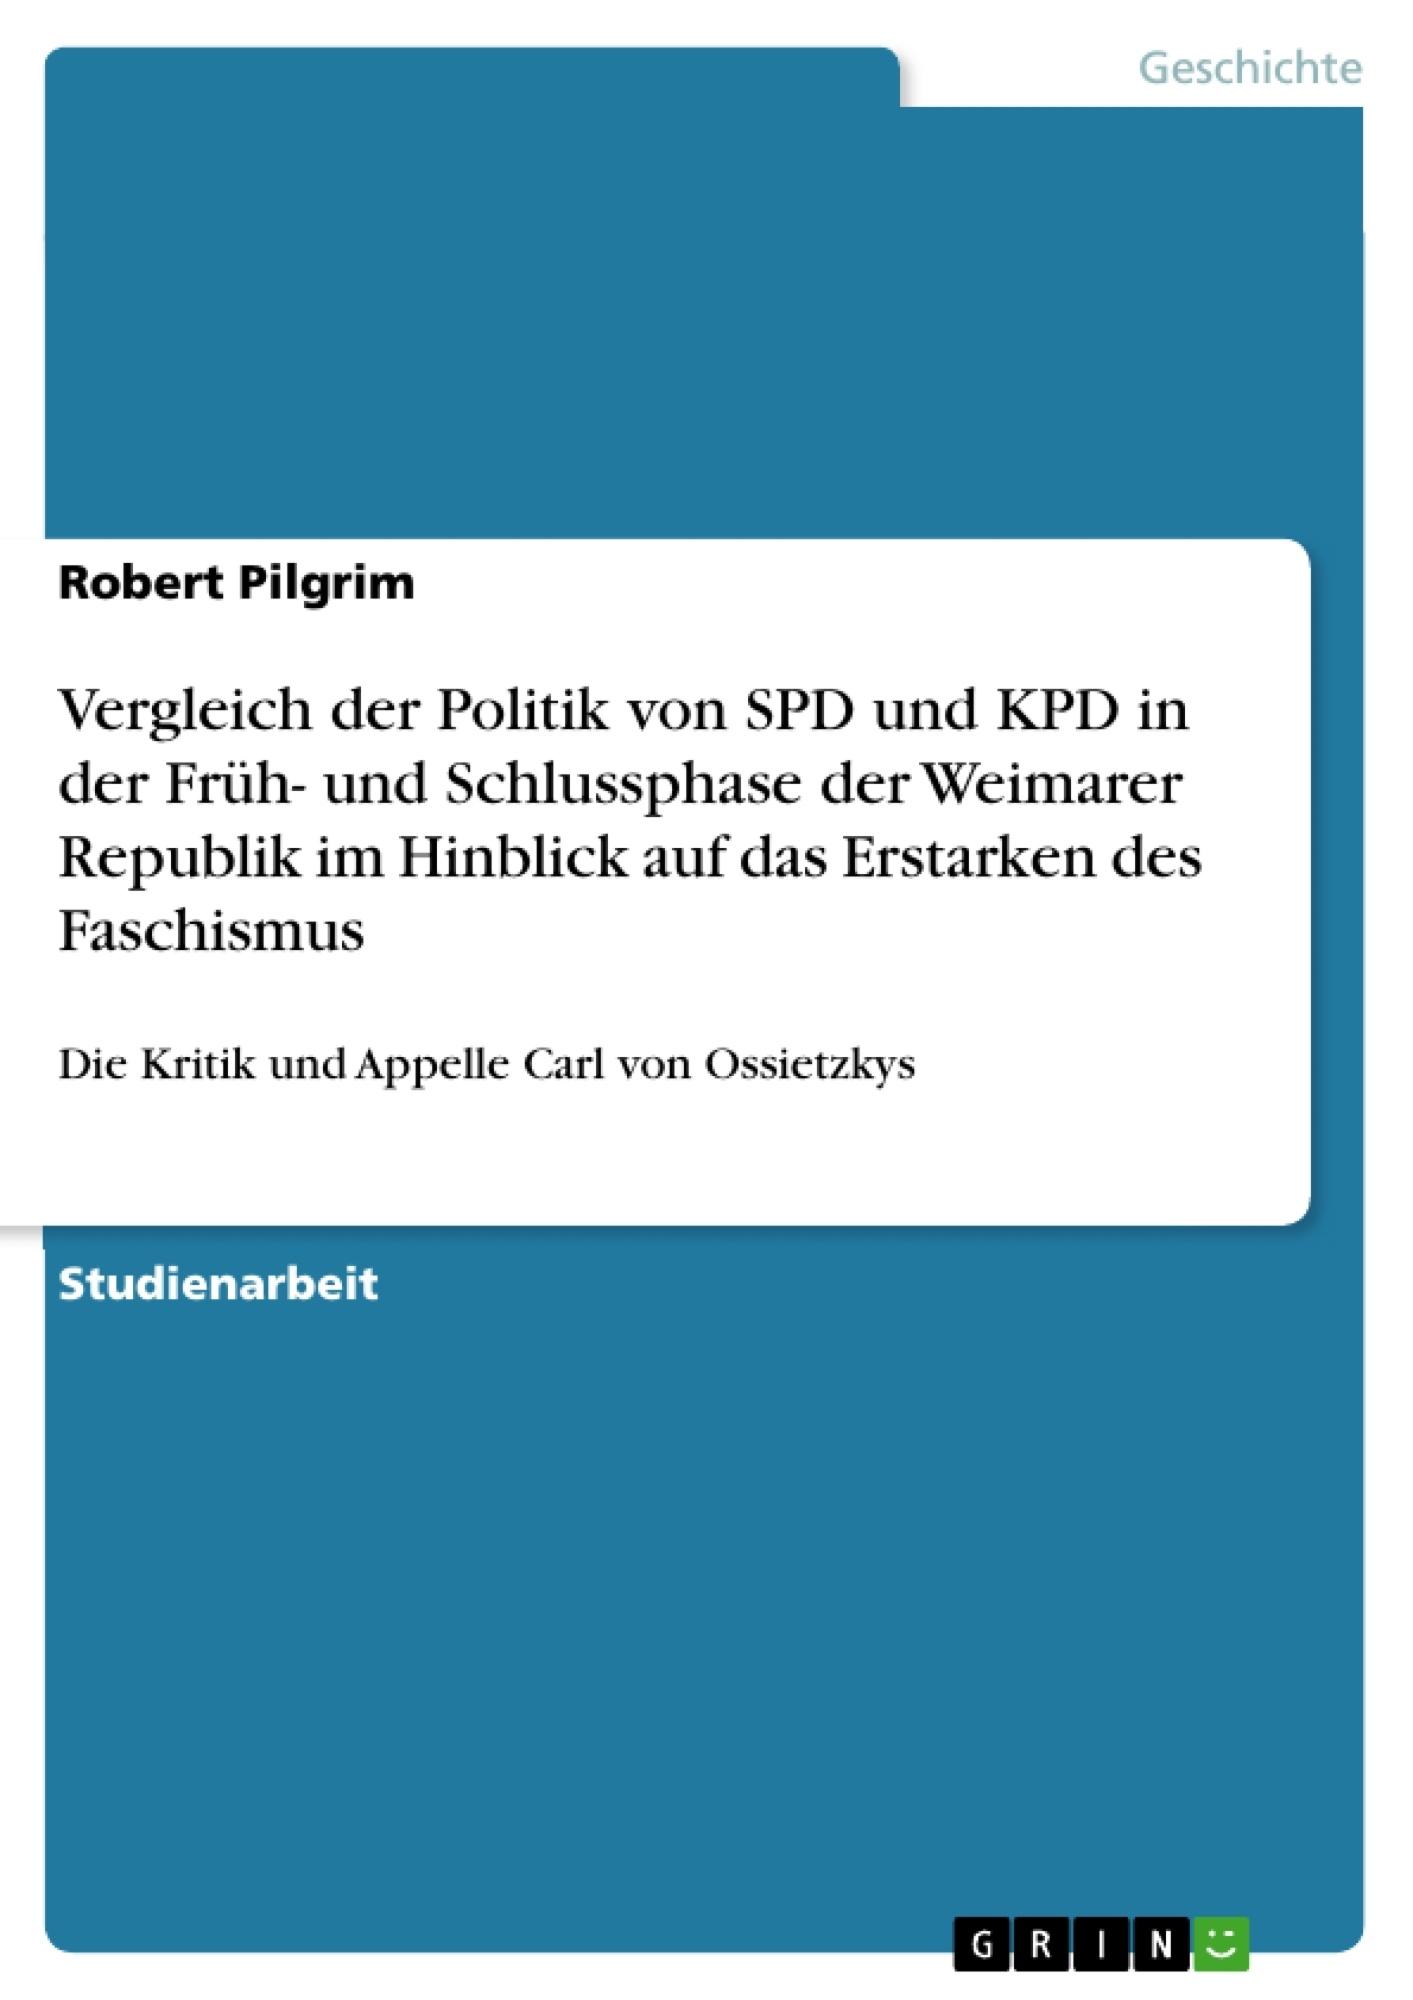 Titel: Vergleich der Politik von SPD und KPD in der Früh- und Schlussphase der Weimarer Republik im Hinblick auf das Erstarken des Faschismus